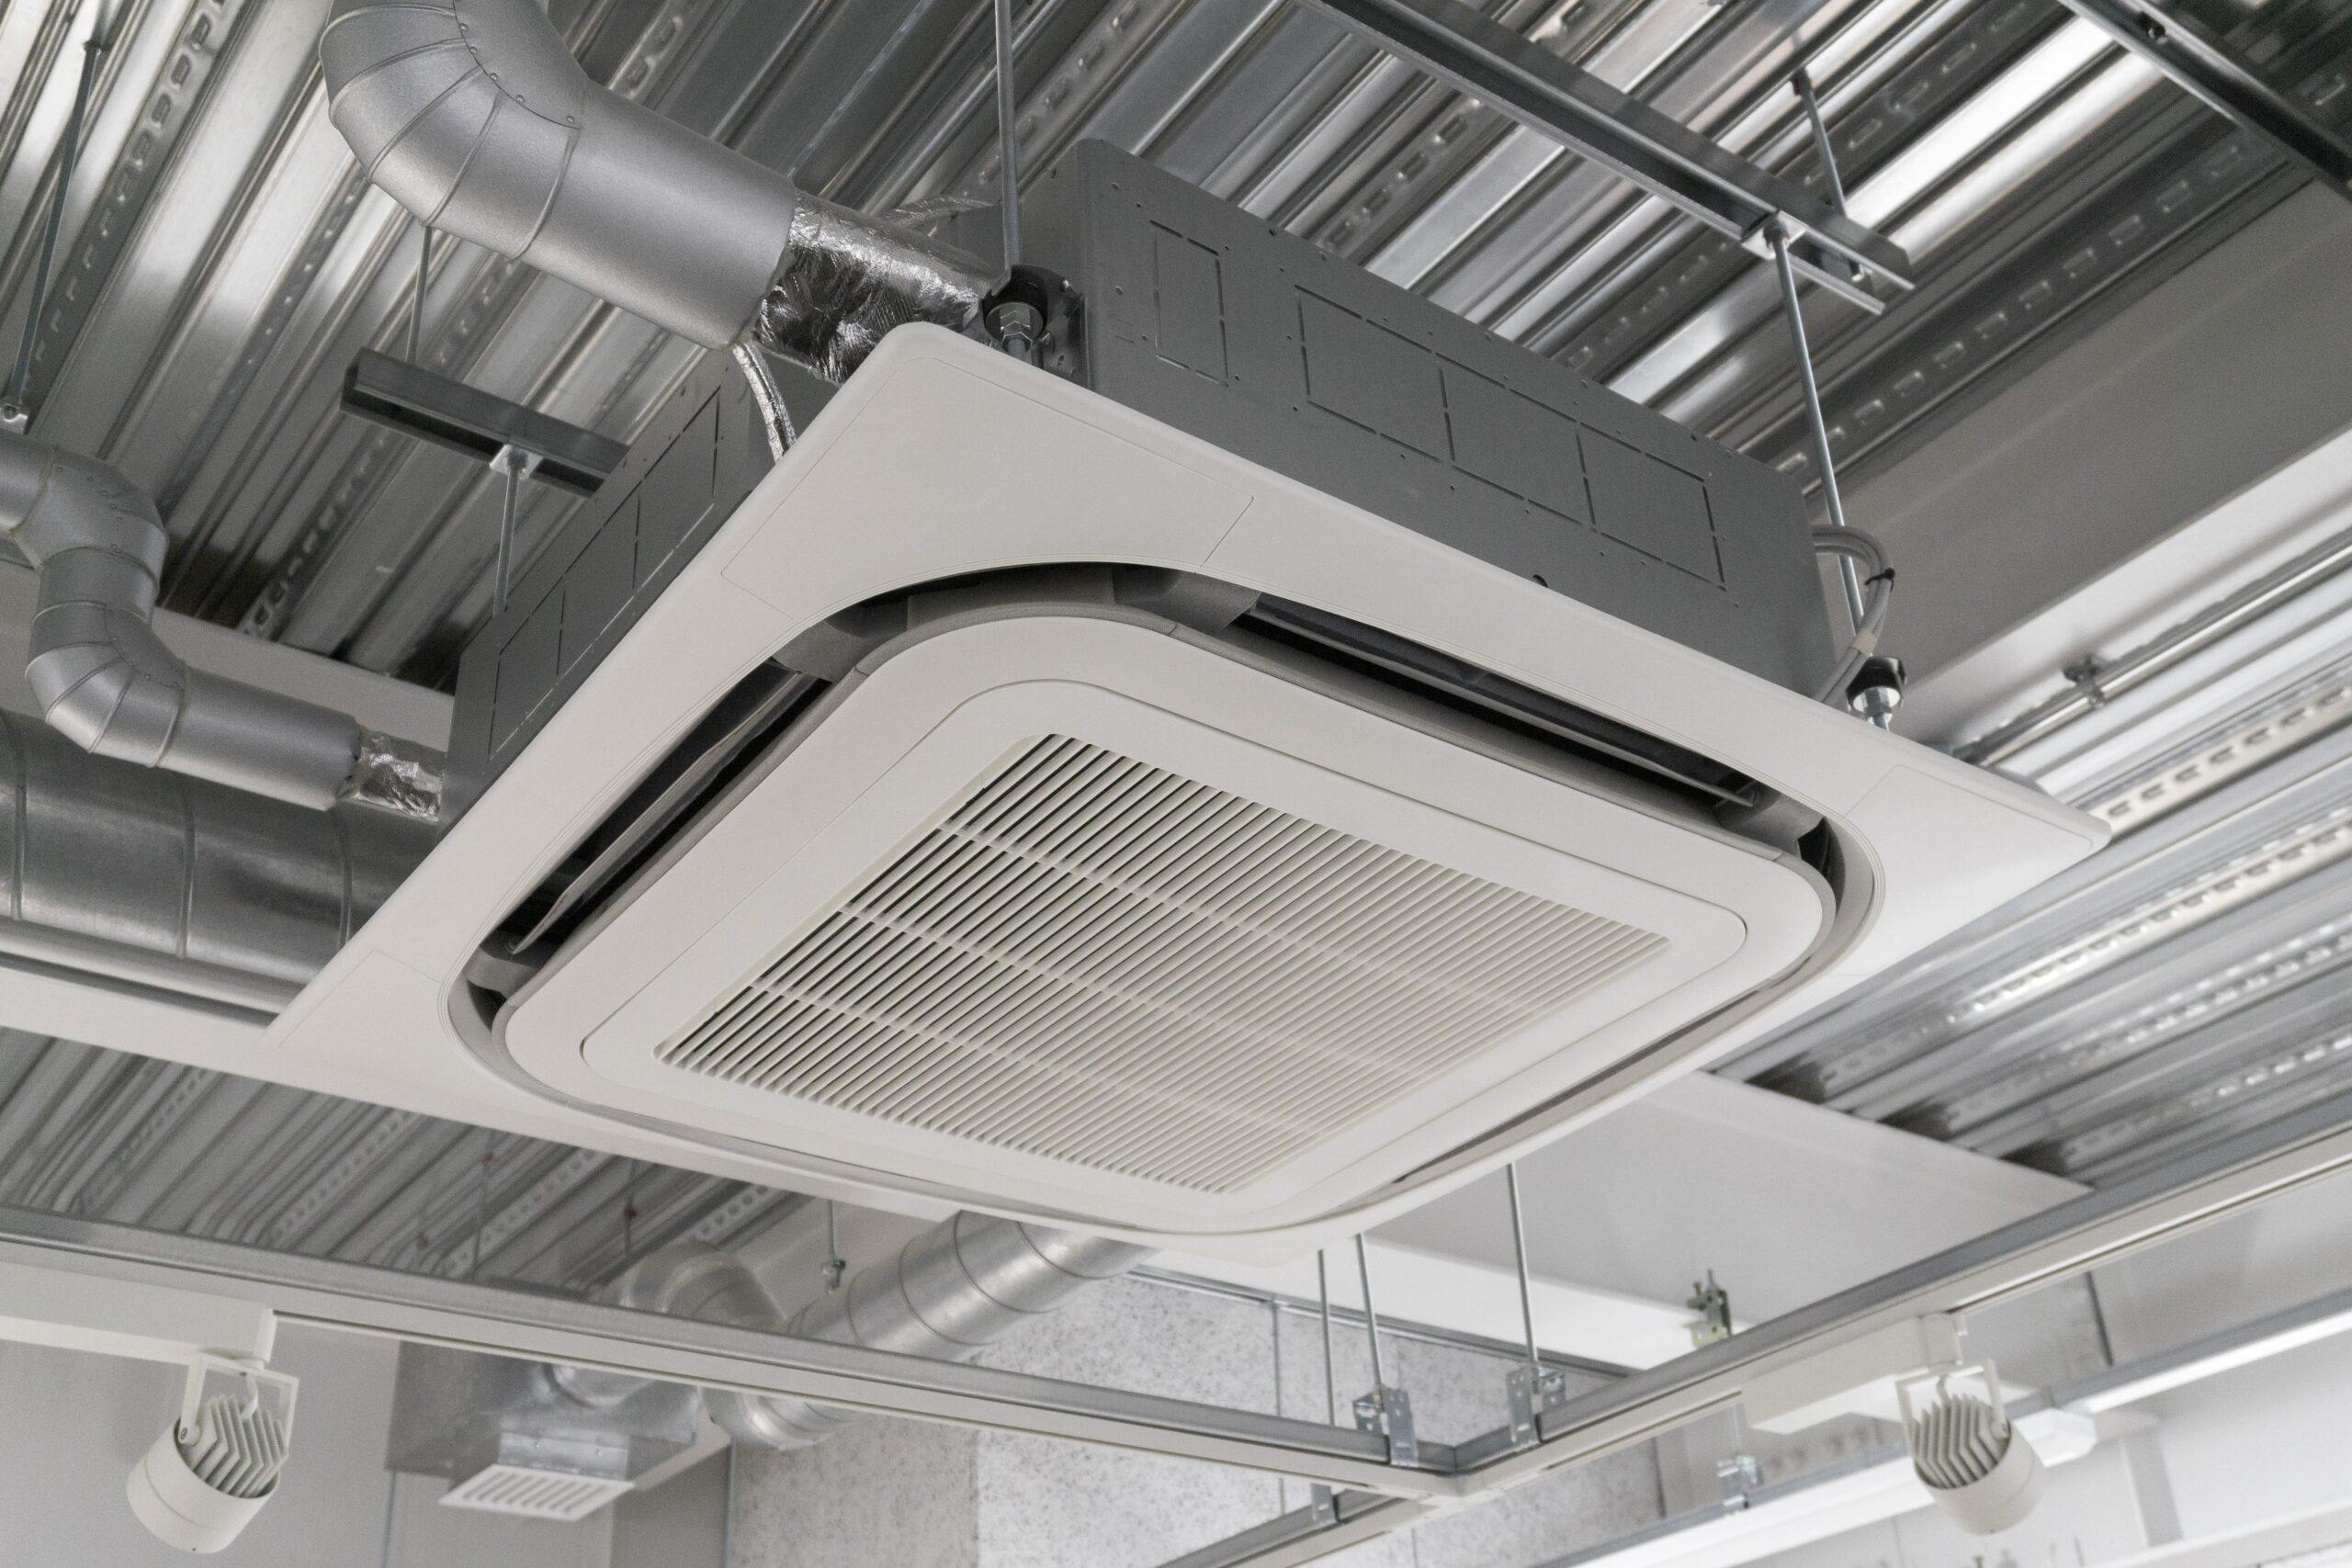 【2021年度:業務用エアコン導入補助金】店舗当り最大1,000万円!?補助金を活用して業務用エアコンを導入しよう!